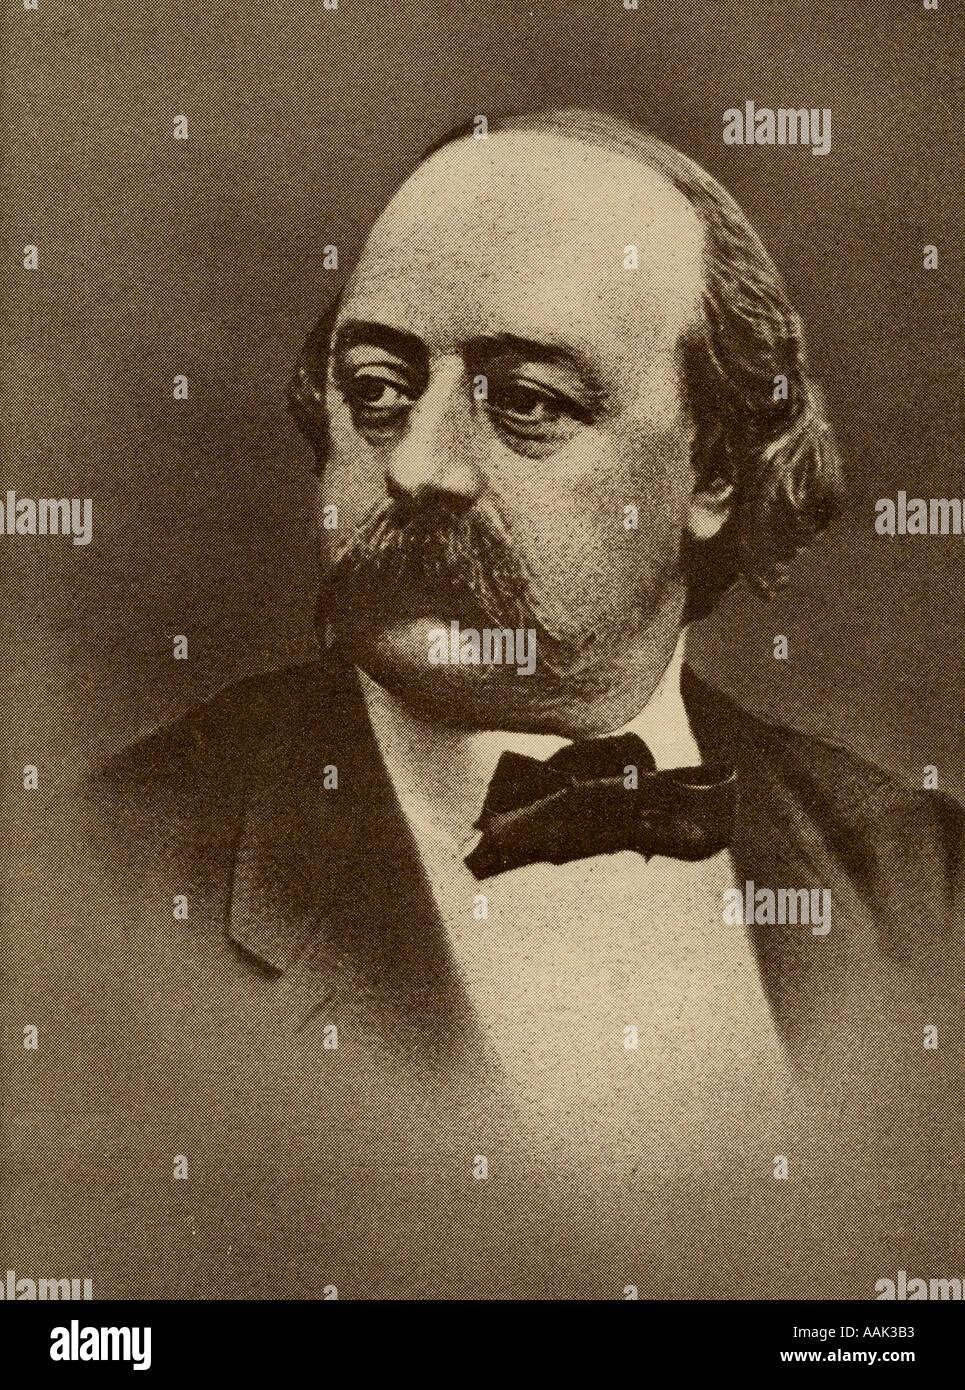 Who is Flaubert 97